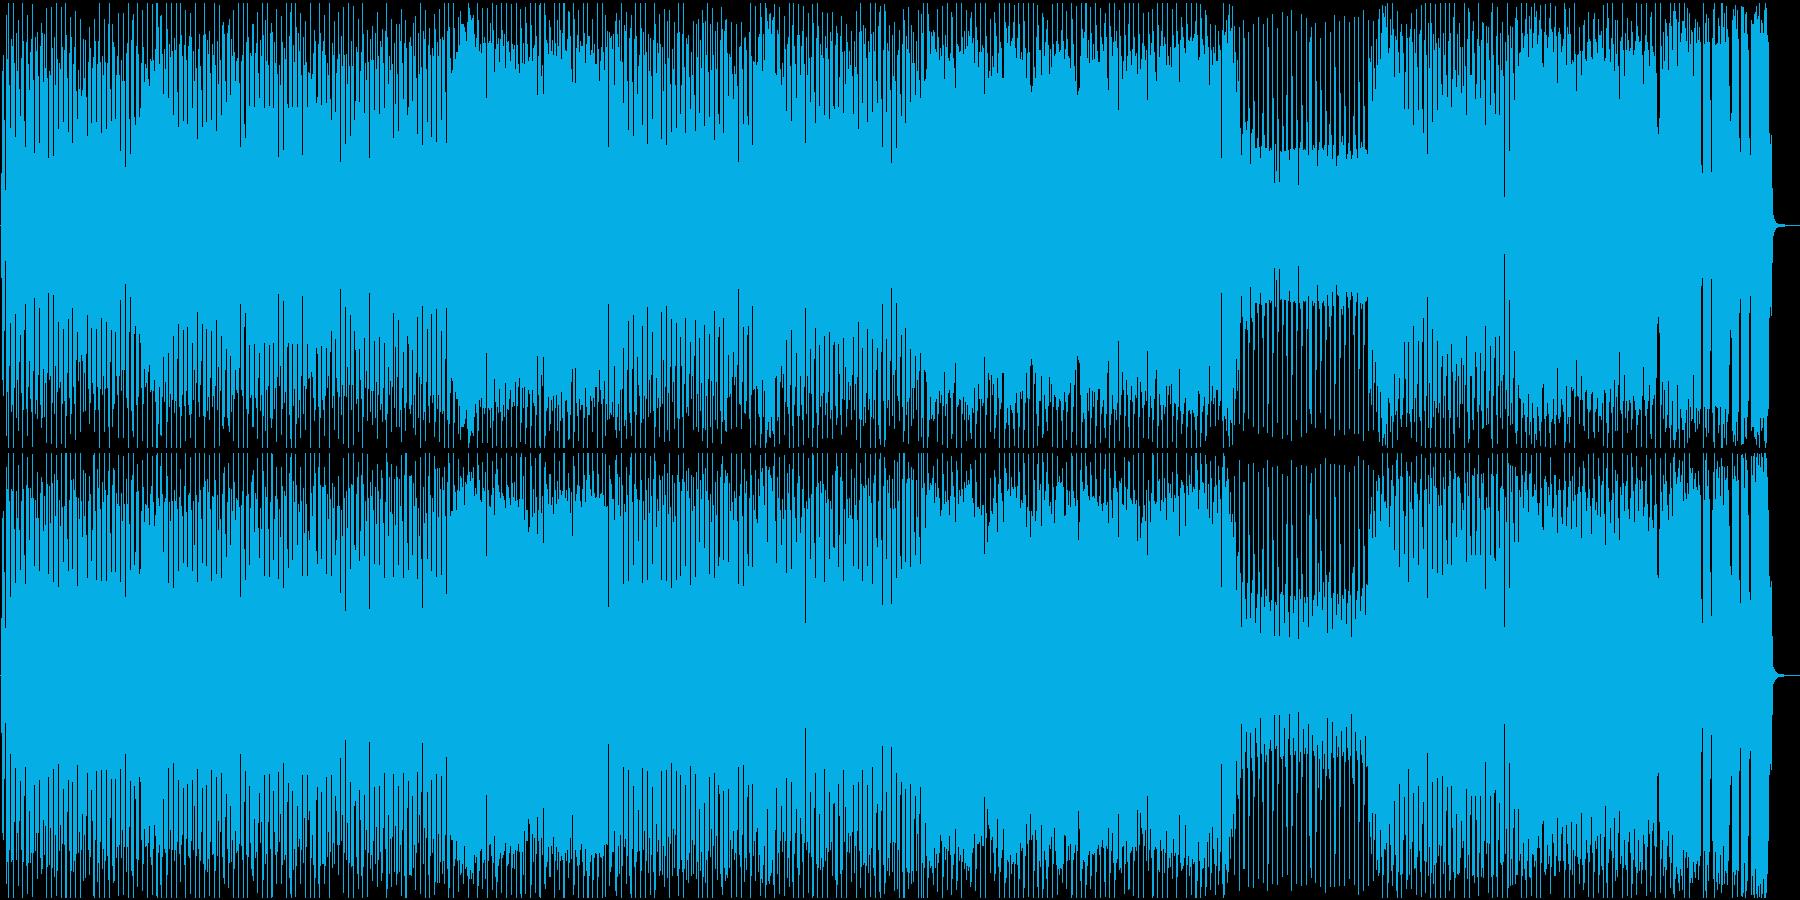 ブギー調のロックンロールナンバー♪OP曲の再生済みの波形